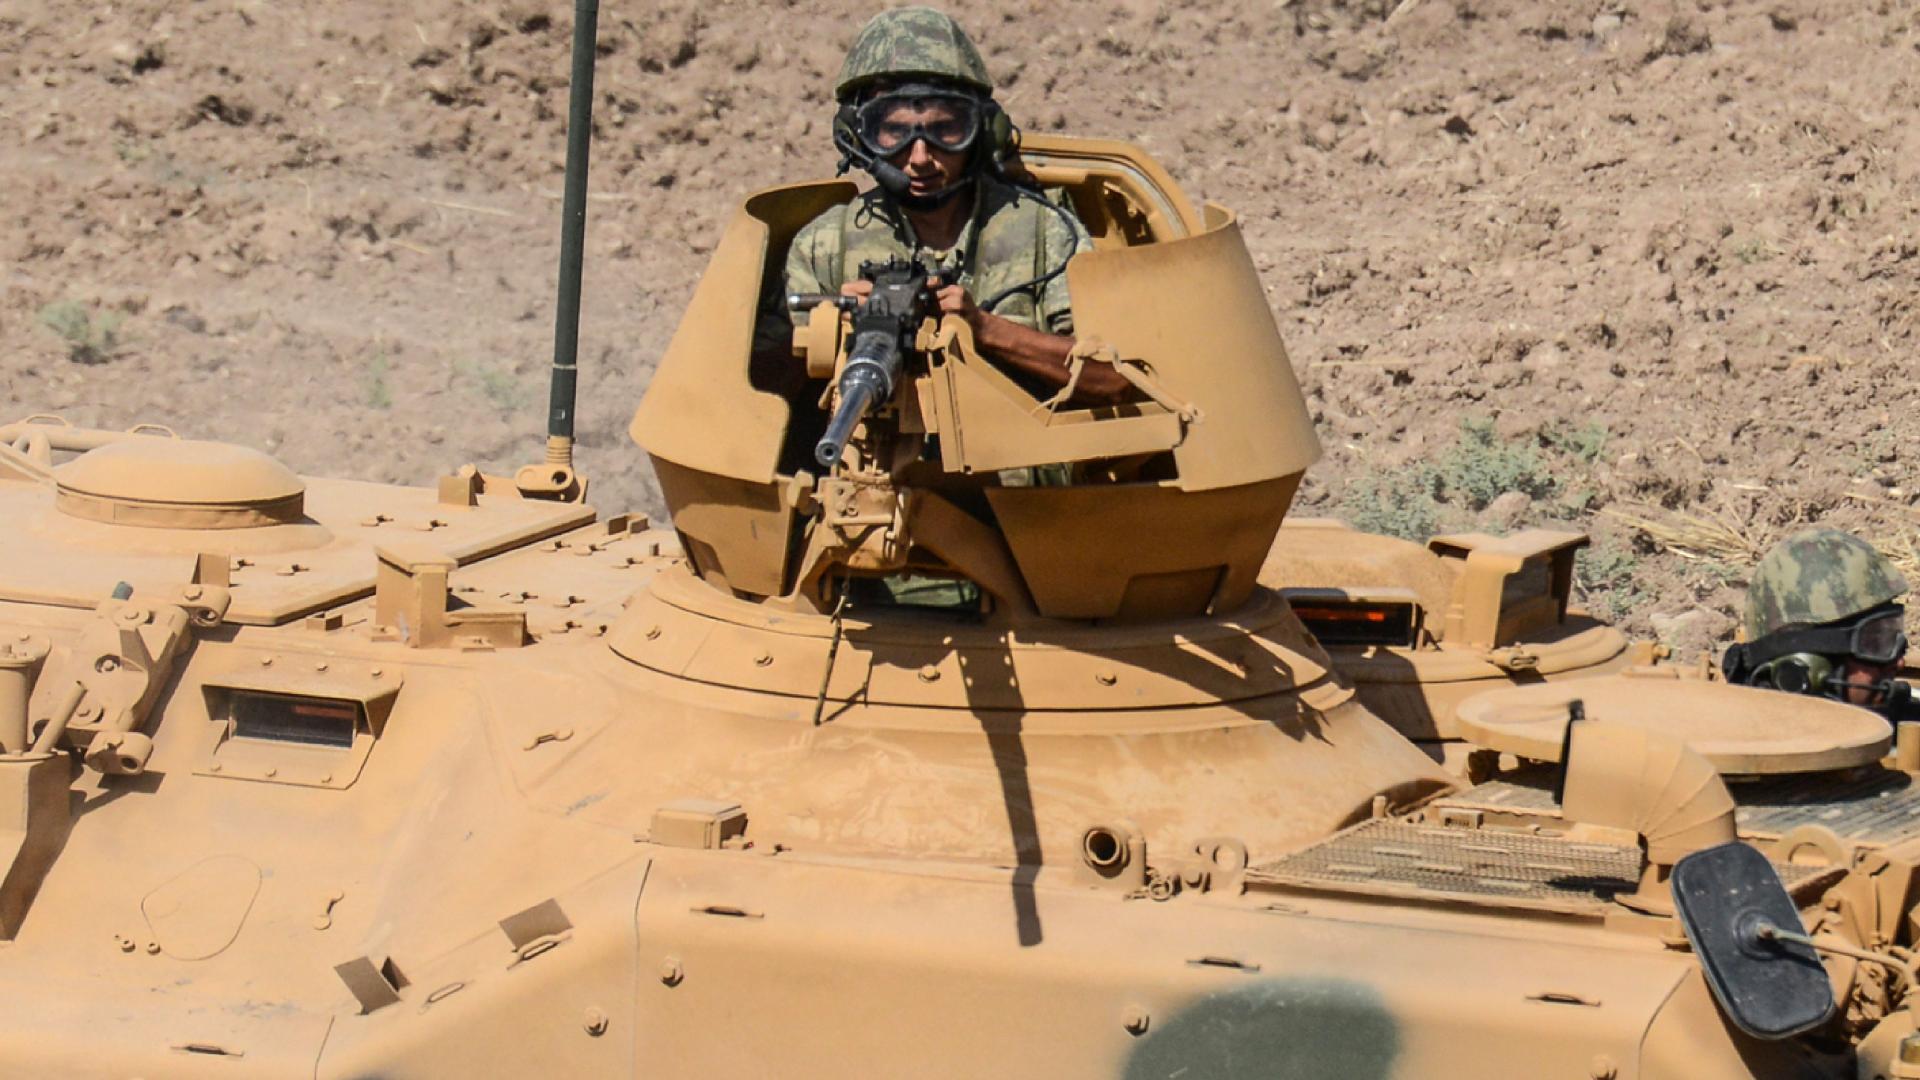 القوات التركية تفتح النار على محتجين عراقيين اقتحموا قاعدة عسكرية لها في دهوك